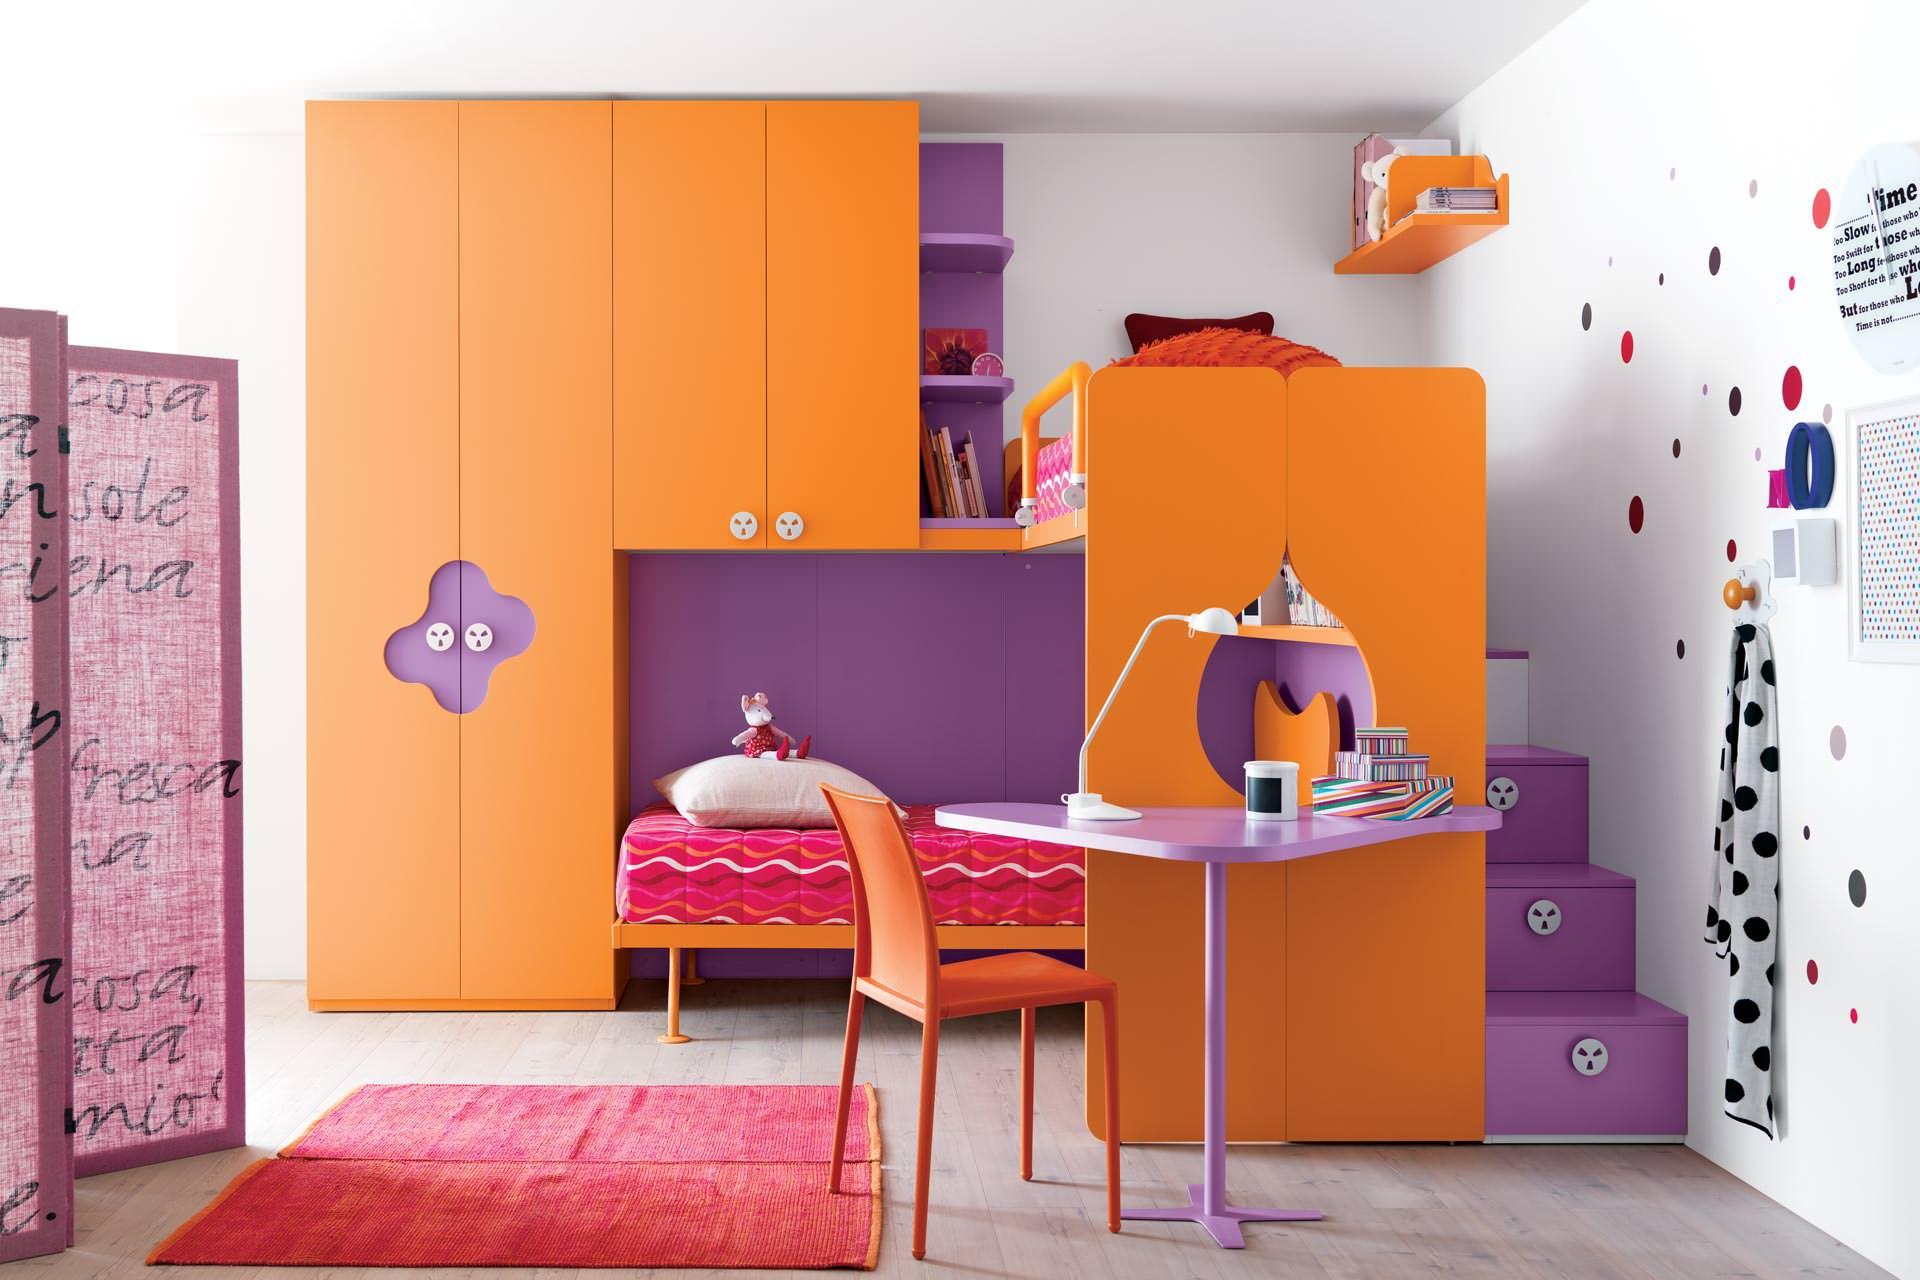 Оранжево-фиолетовая мебель в детской